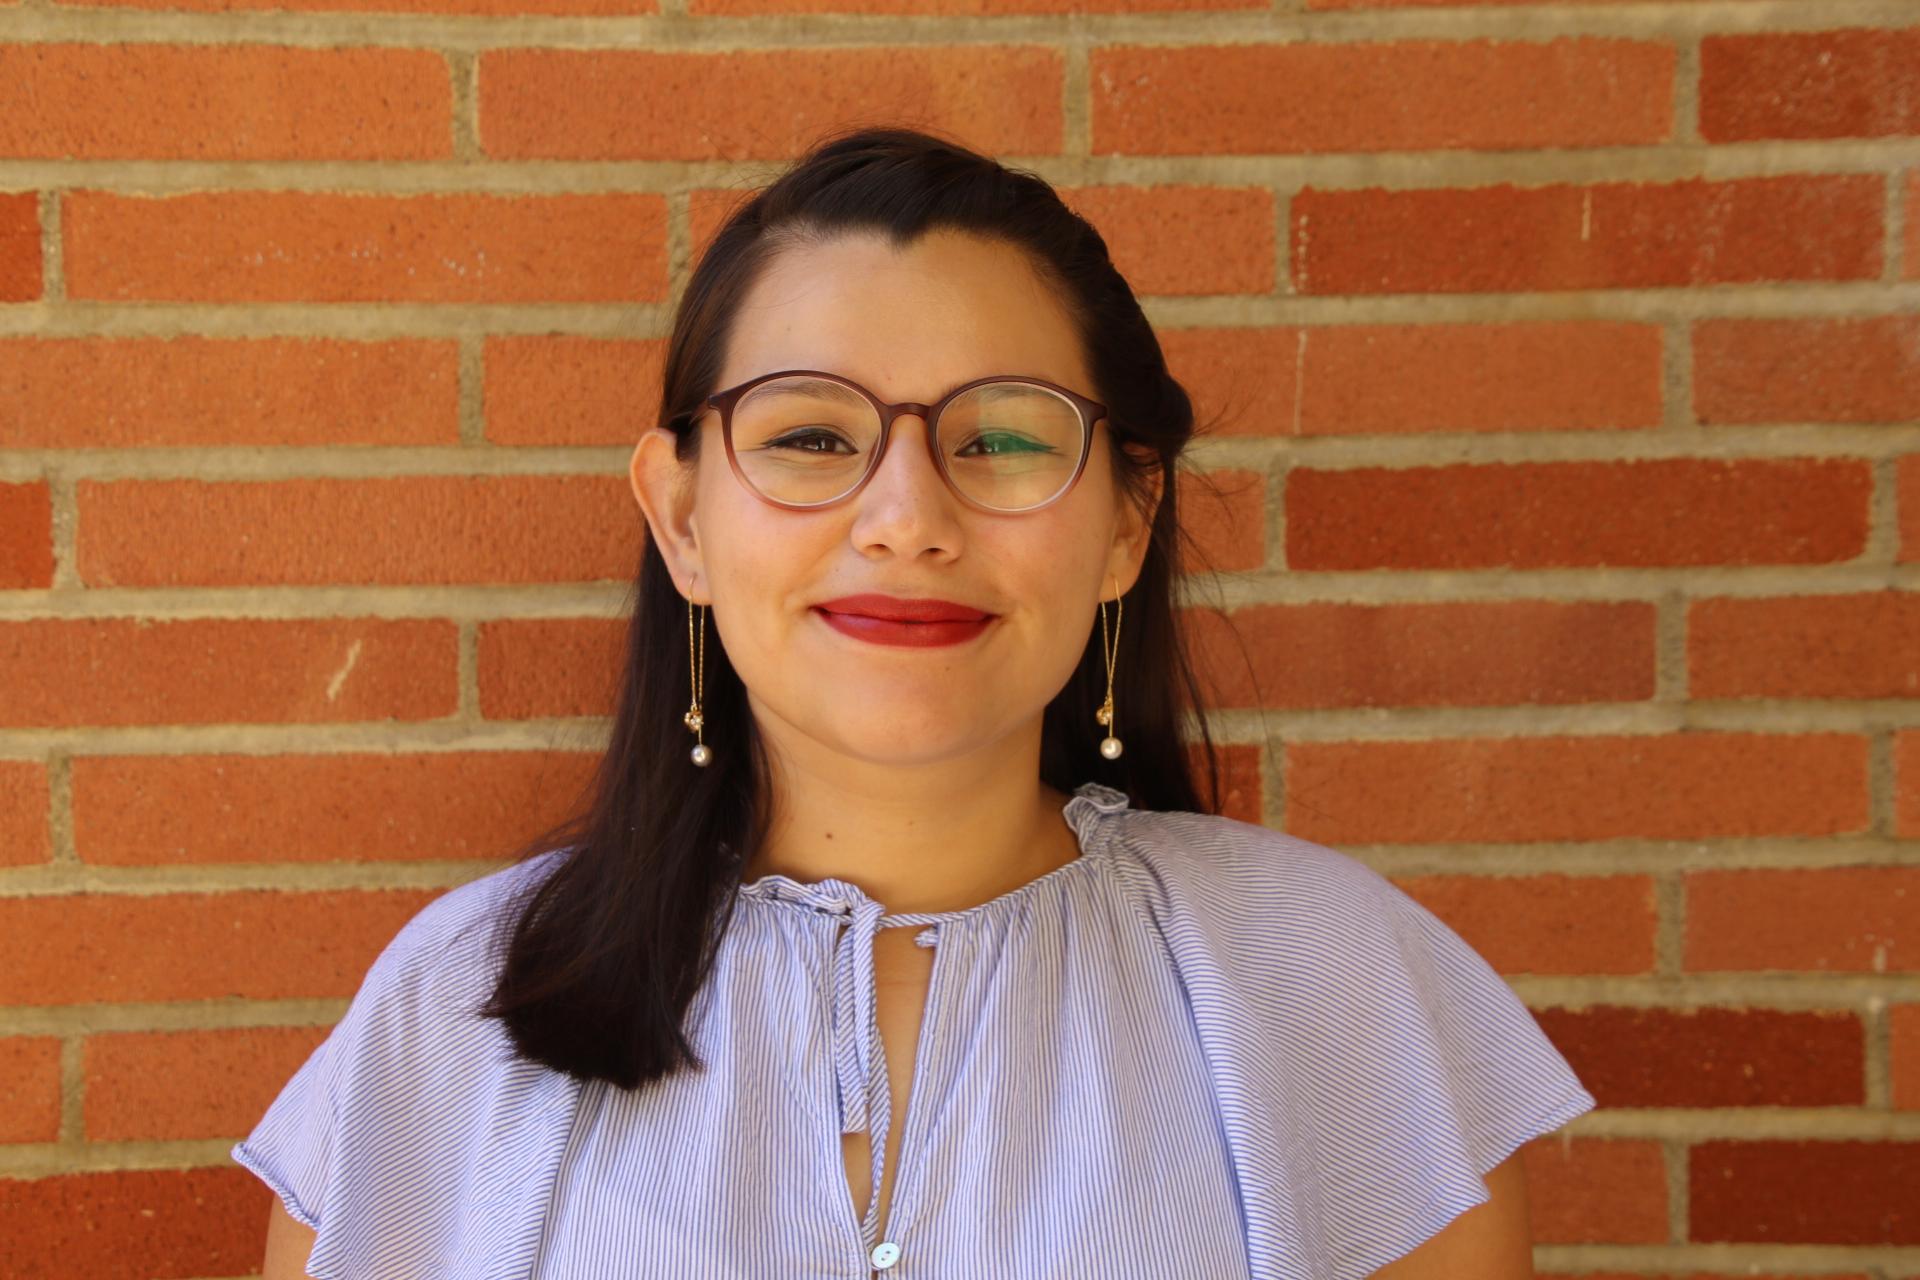 Michelle Rolon